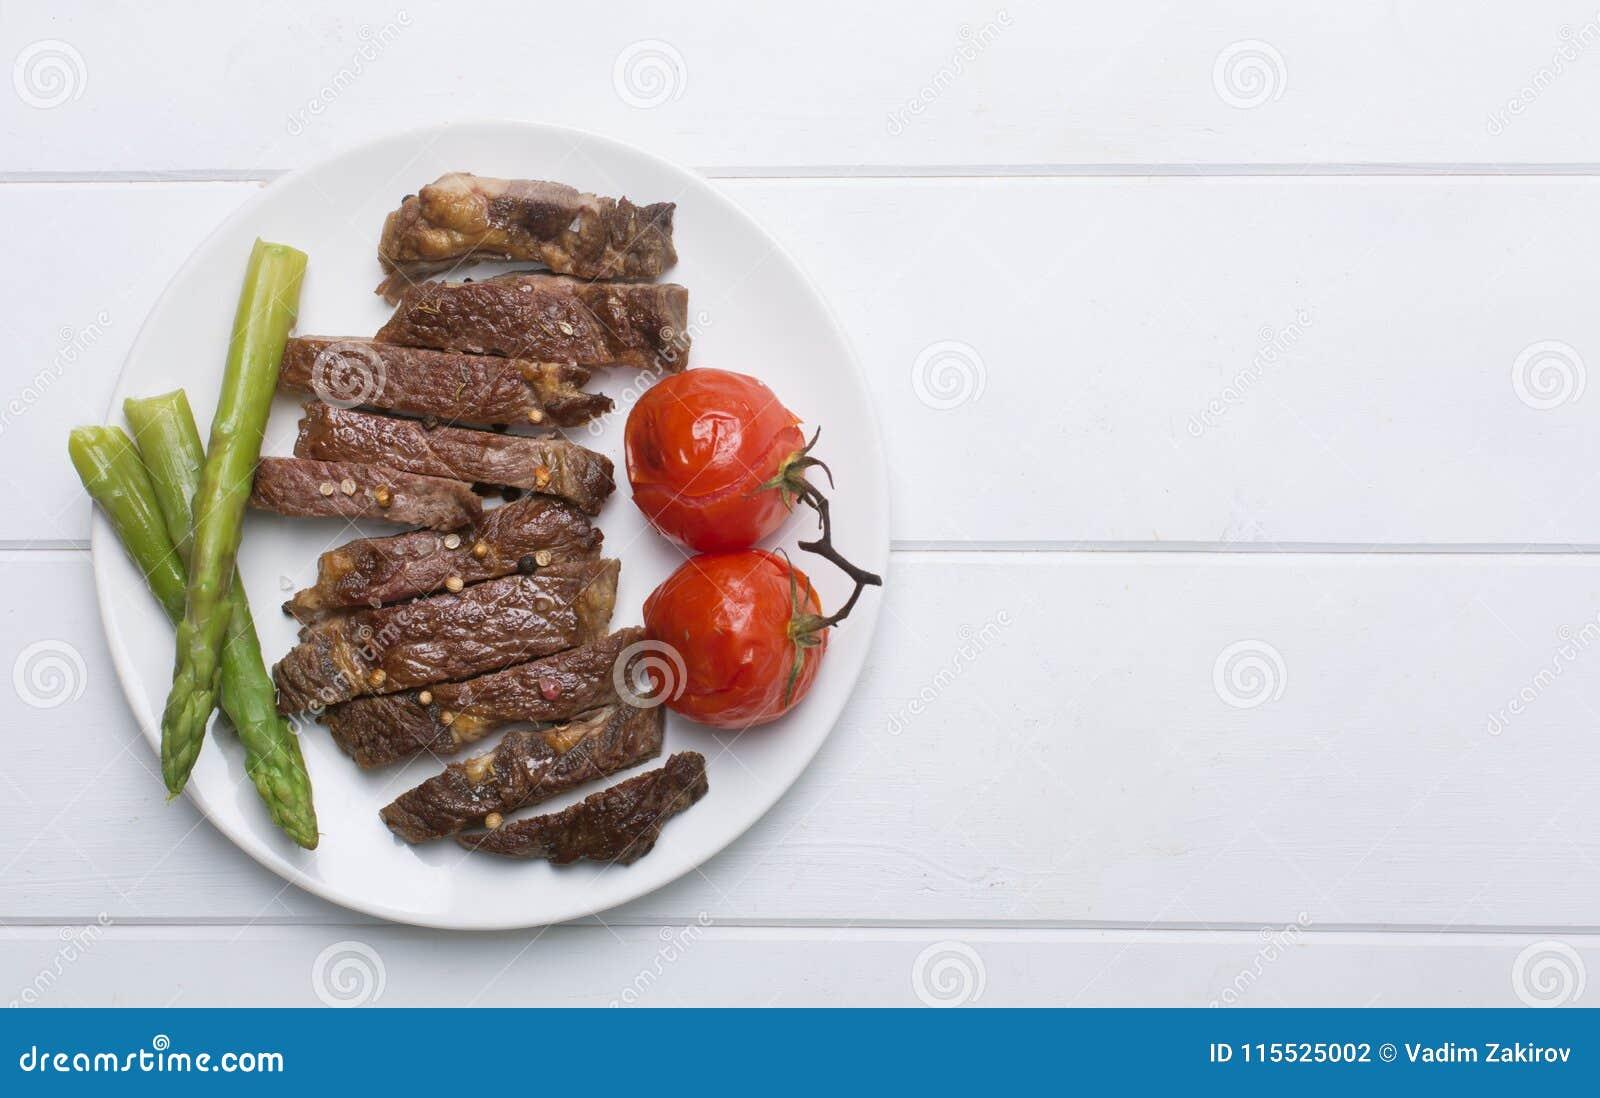 Het geroosterde rundvleeslapje vlees op een witte plaat en een witte achtergrond, vlakte legt en kopieert ruimte